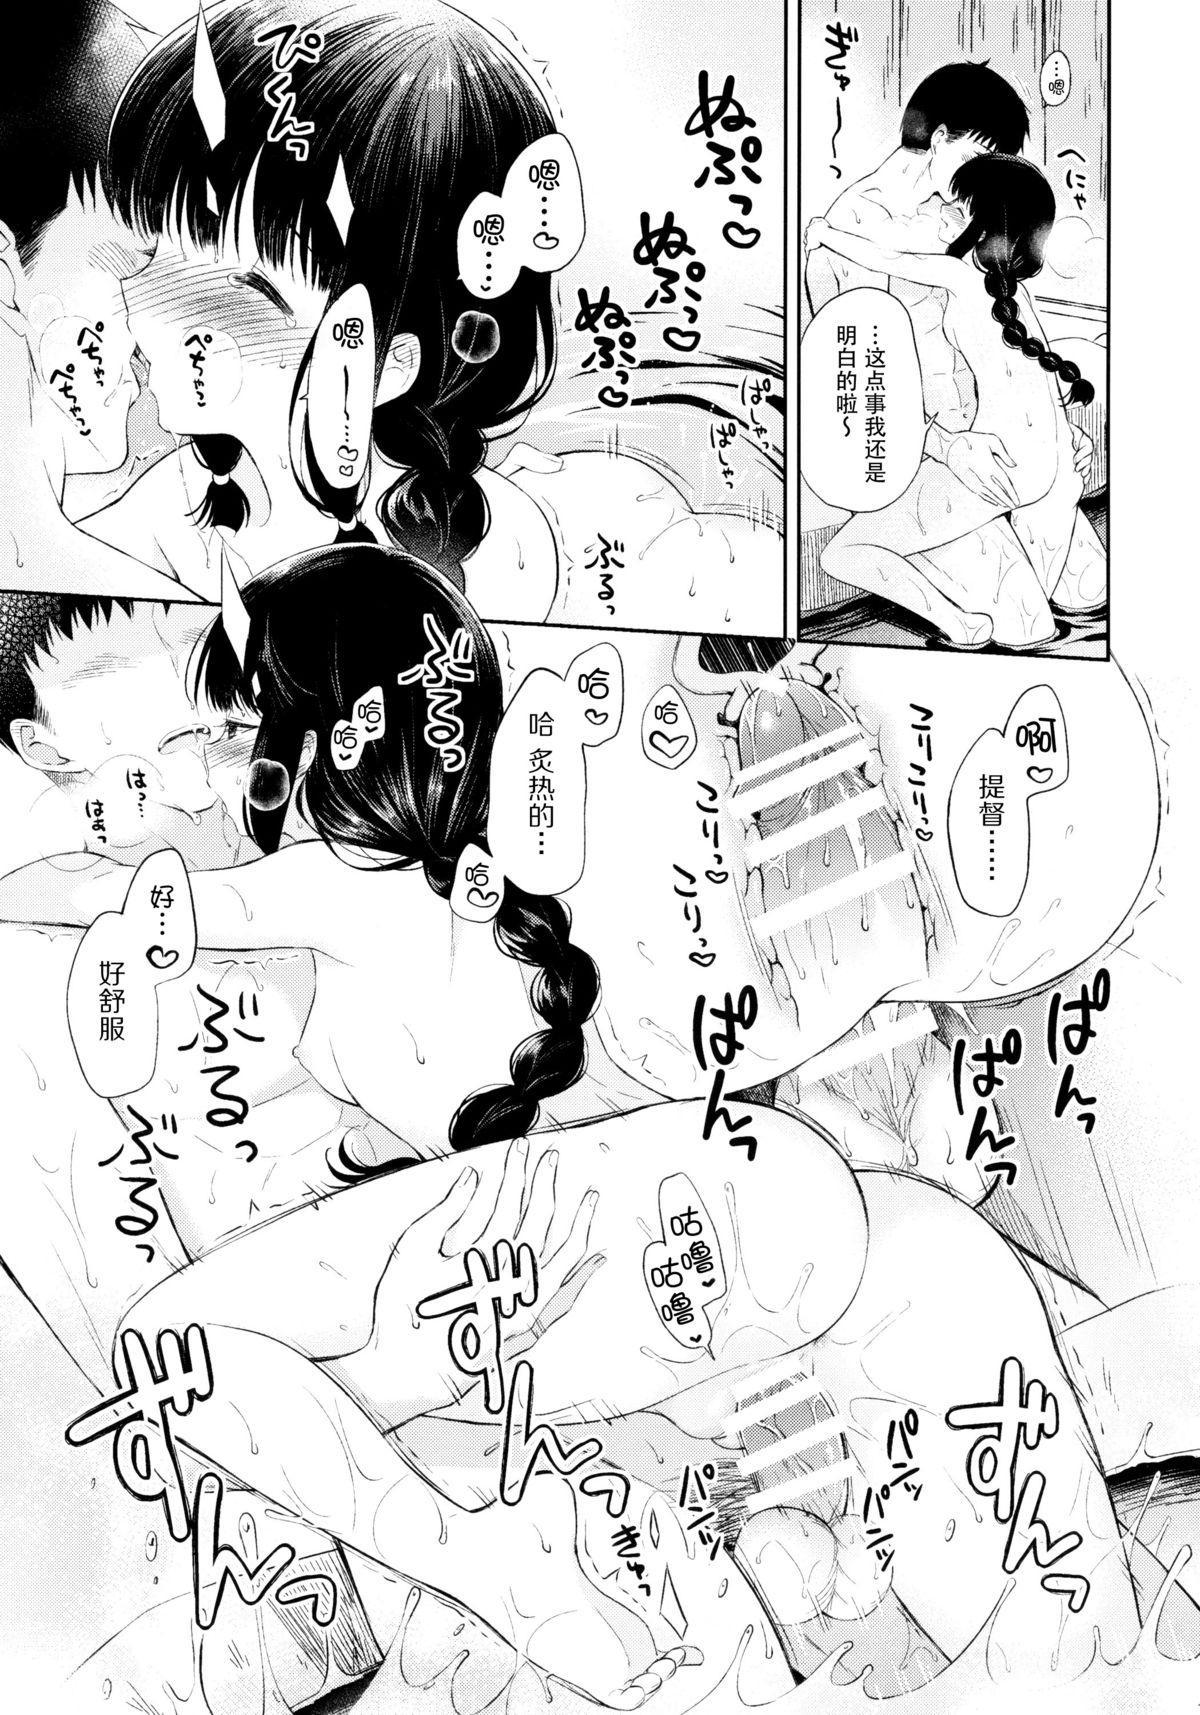 Kitakami no Yu 10